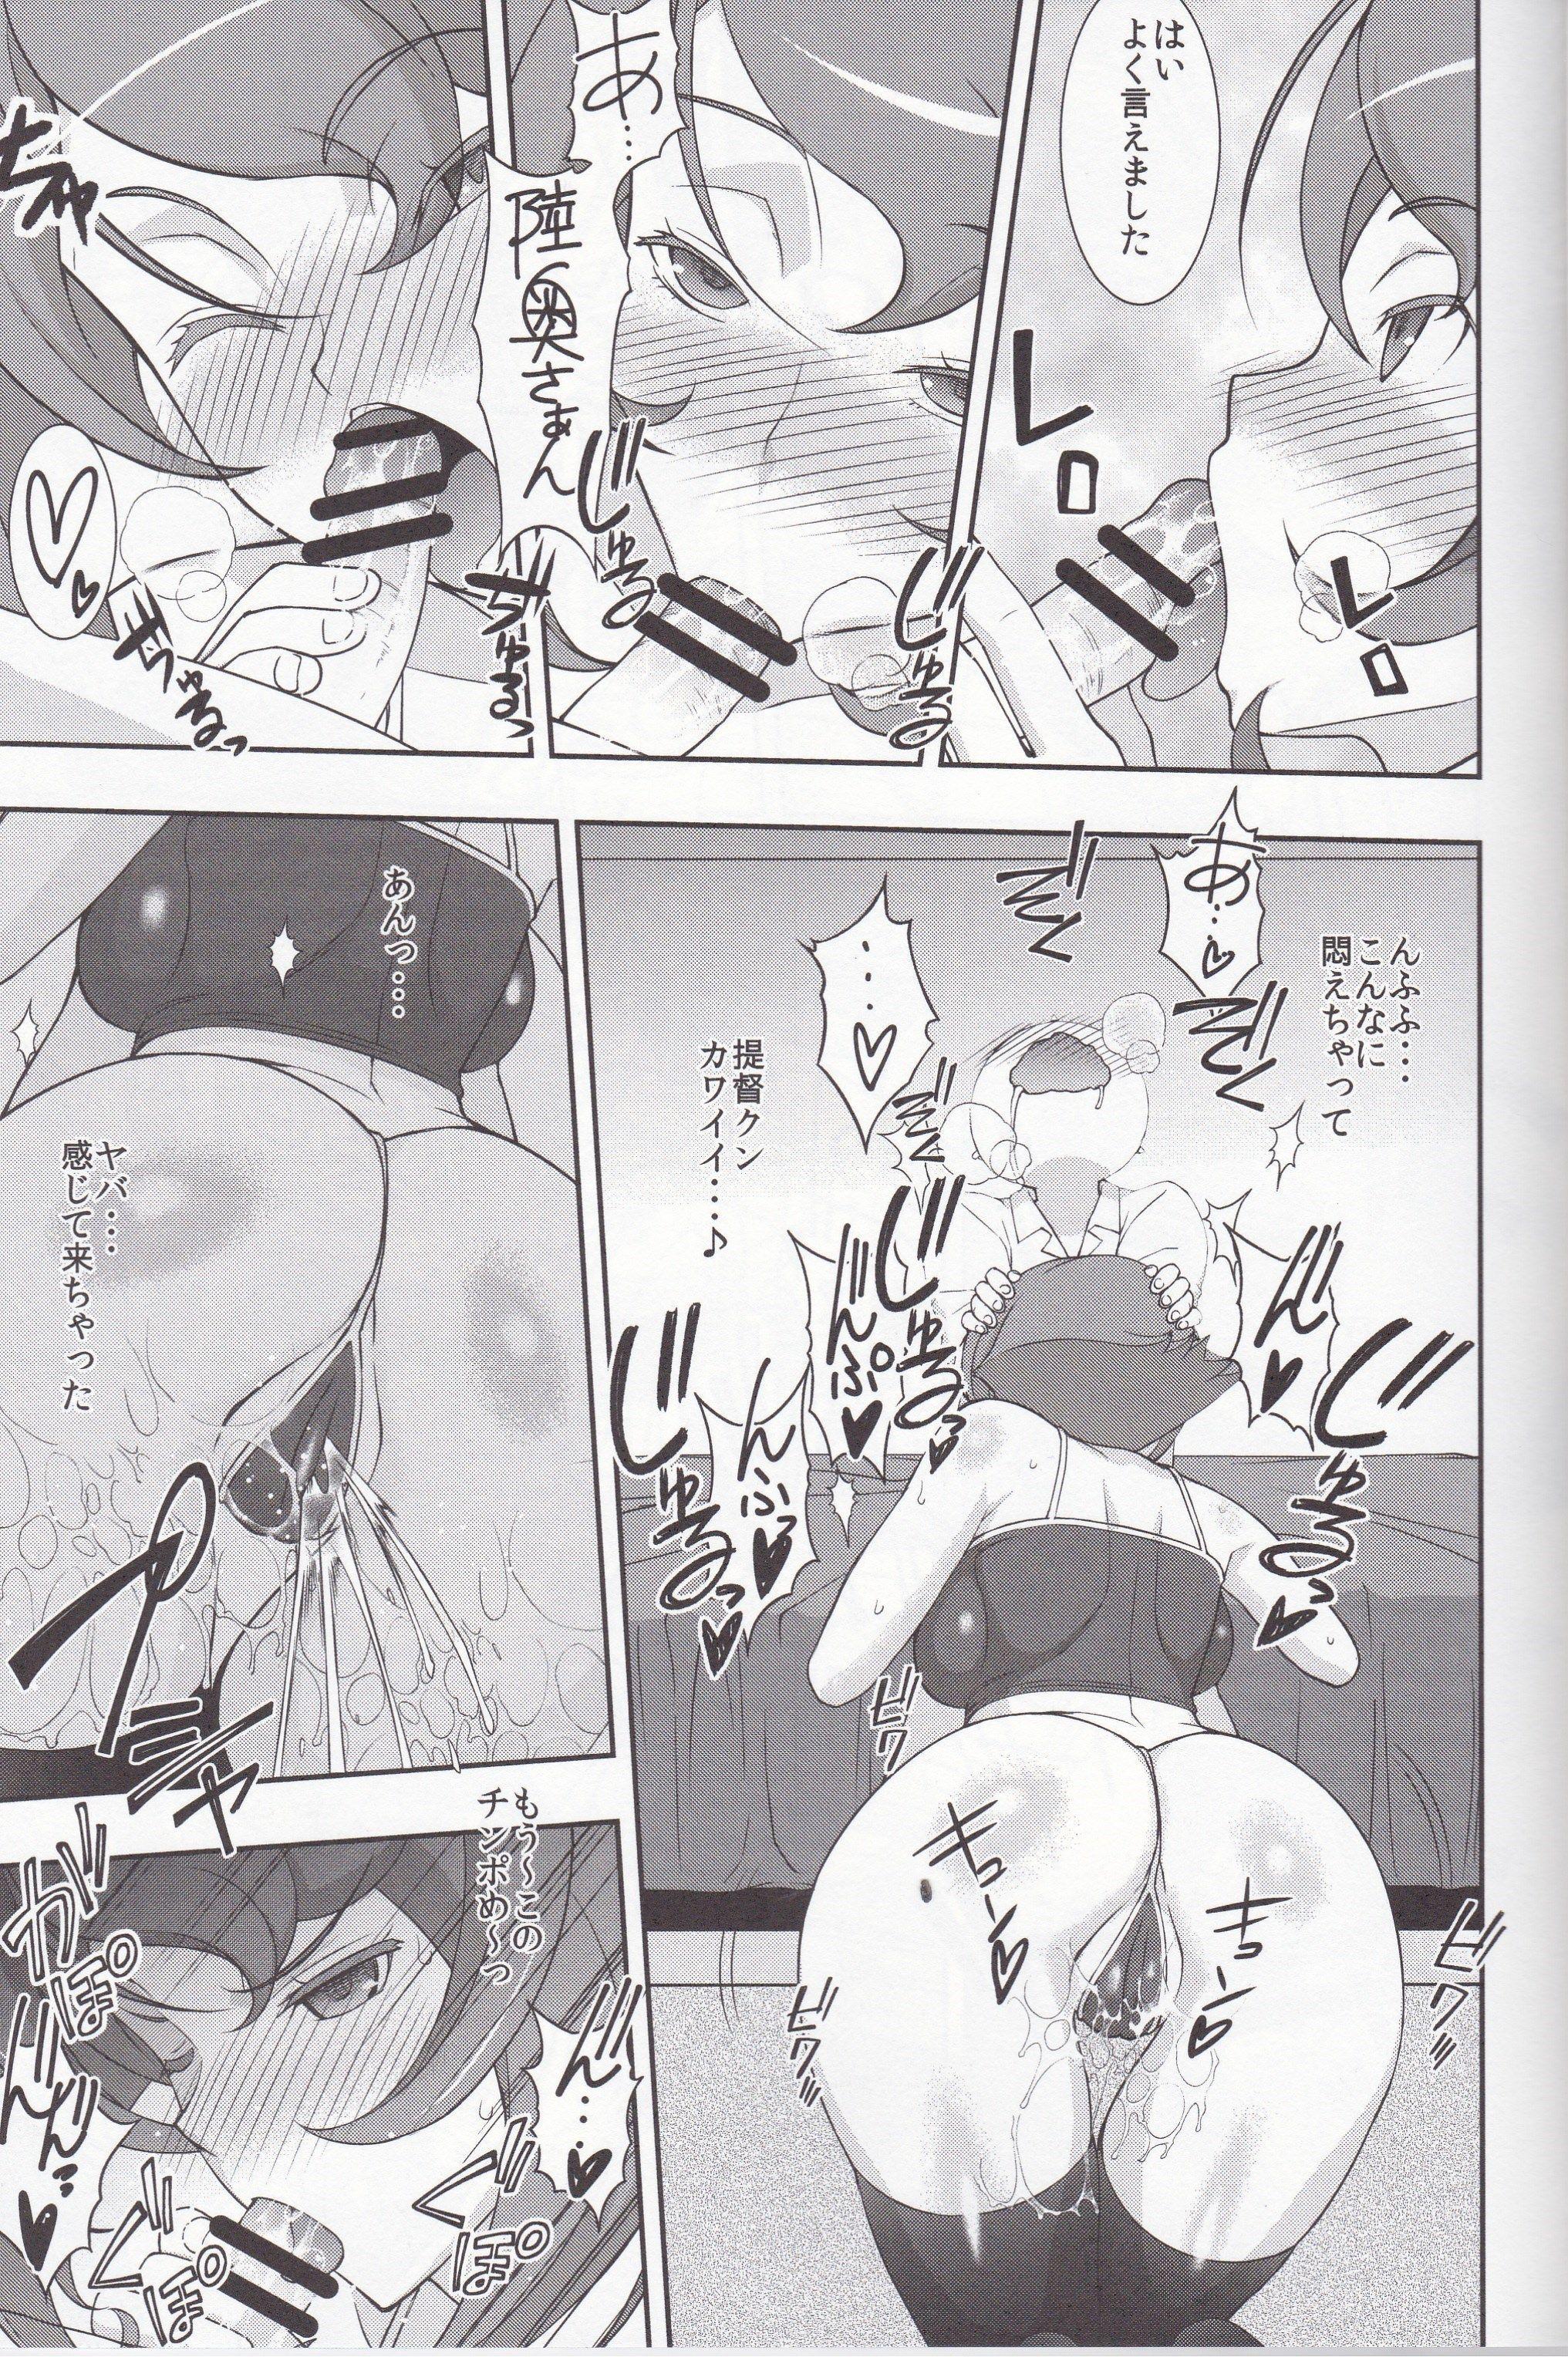 (C89) [Sanazura Doujinshi Hakkoujo (Sanazura Hiroyuki)] Kinjo no Eroi Onee-san Mutsu-chan to Teitoku-kun Merry Xmas (Kantai Collection -KanColle-) 4